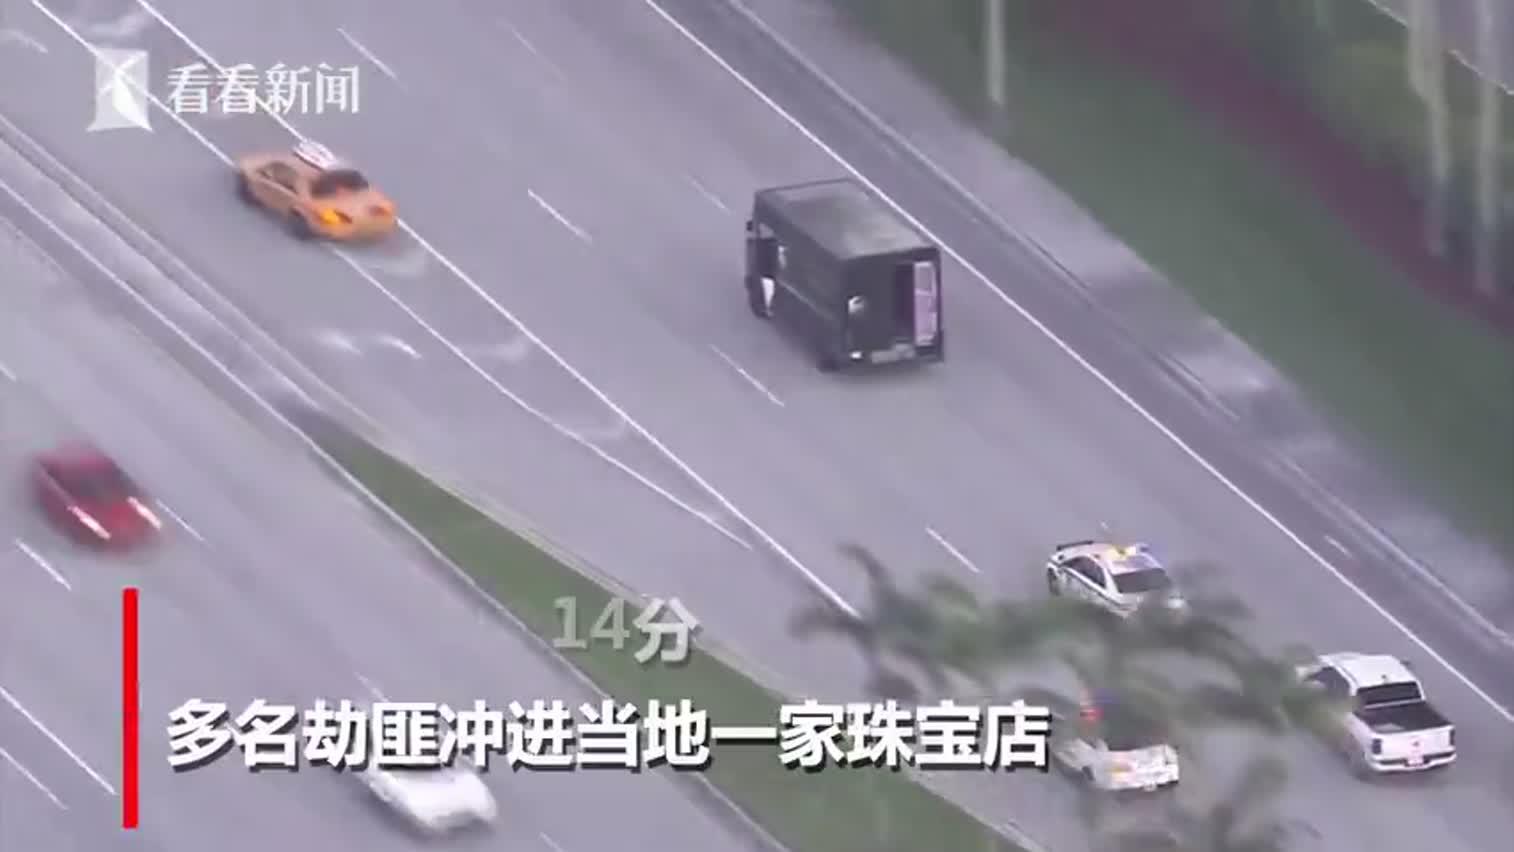 视频-劫匪抢珠宝店又劫持货车 公路上演1小时警匪